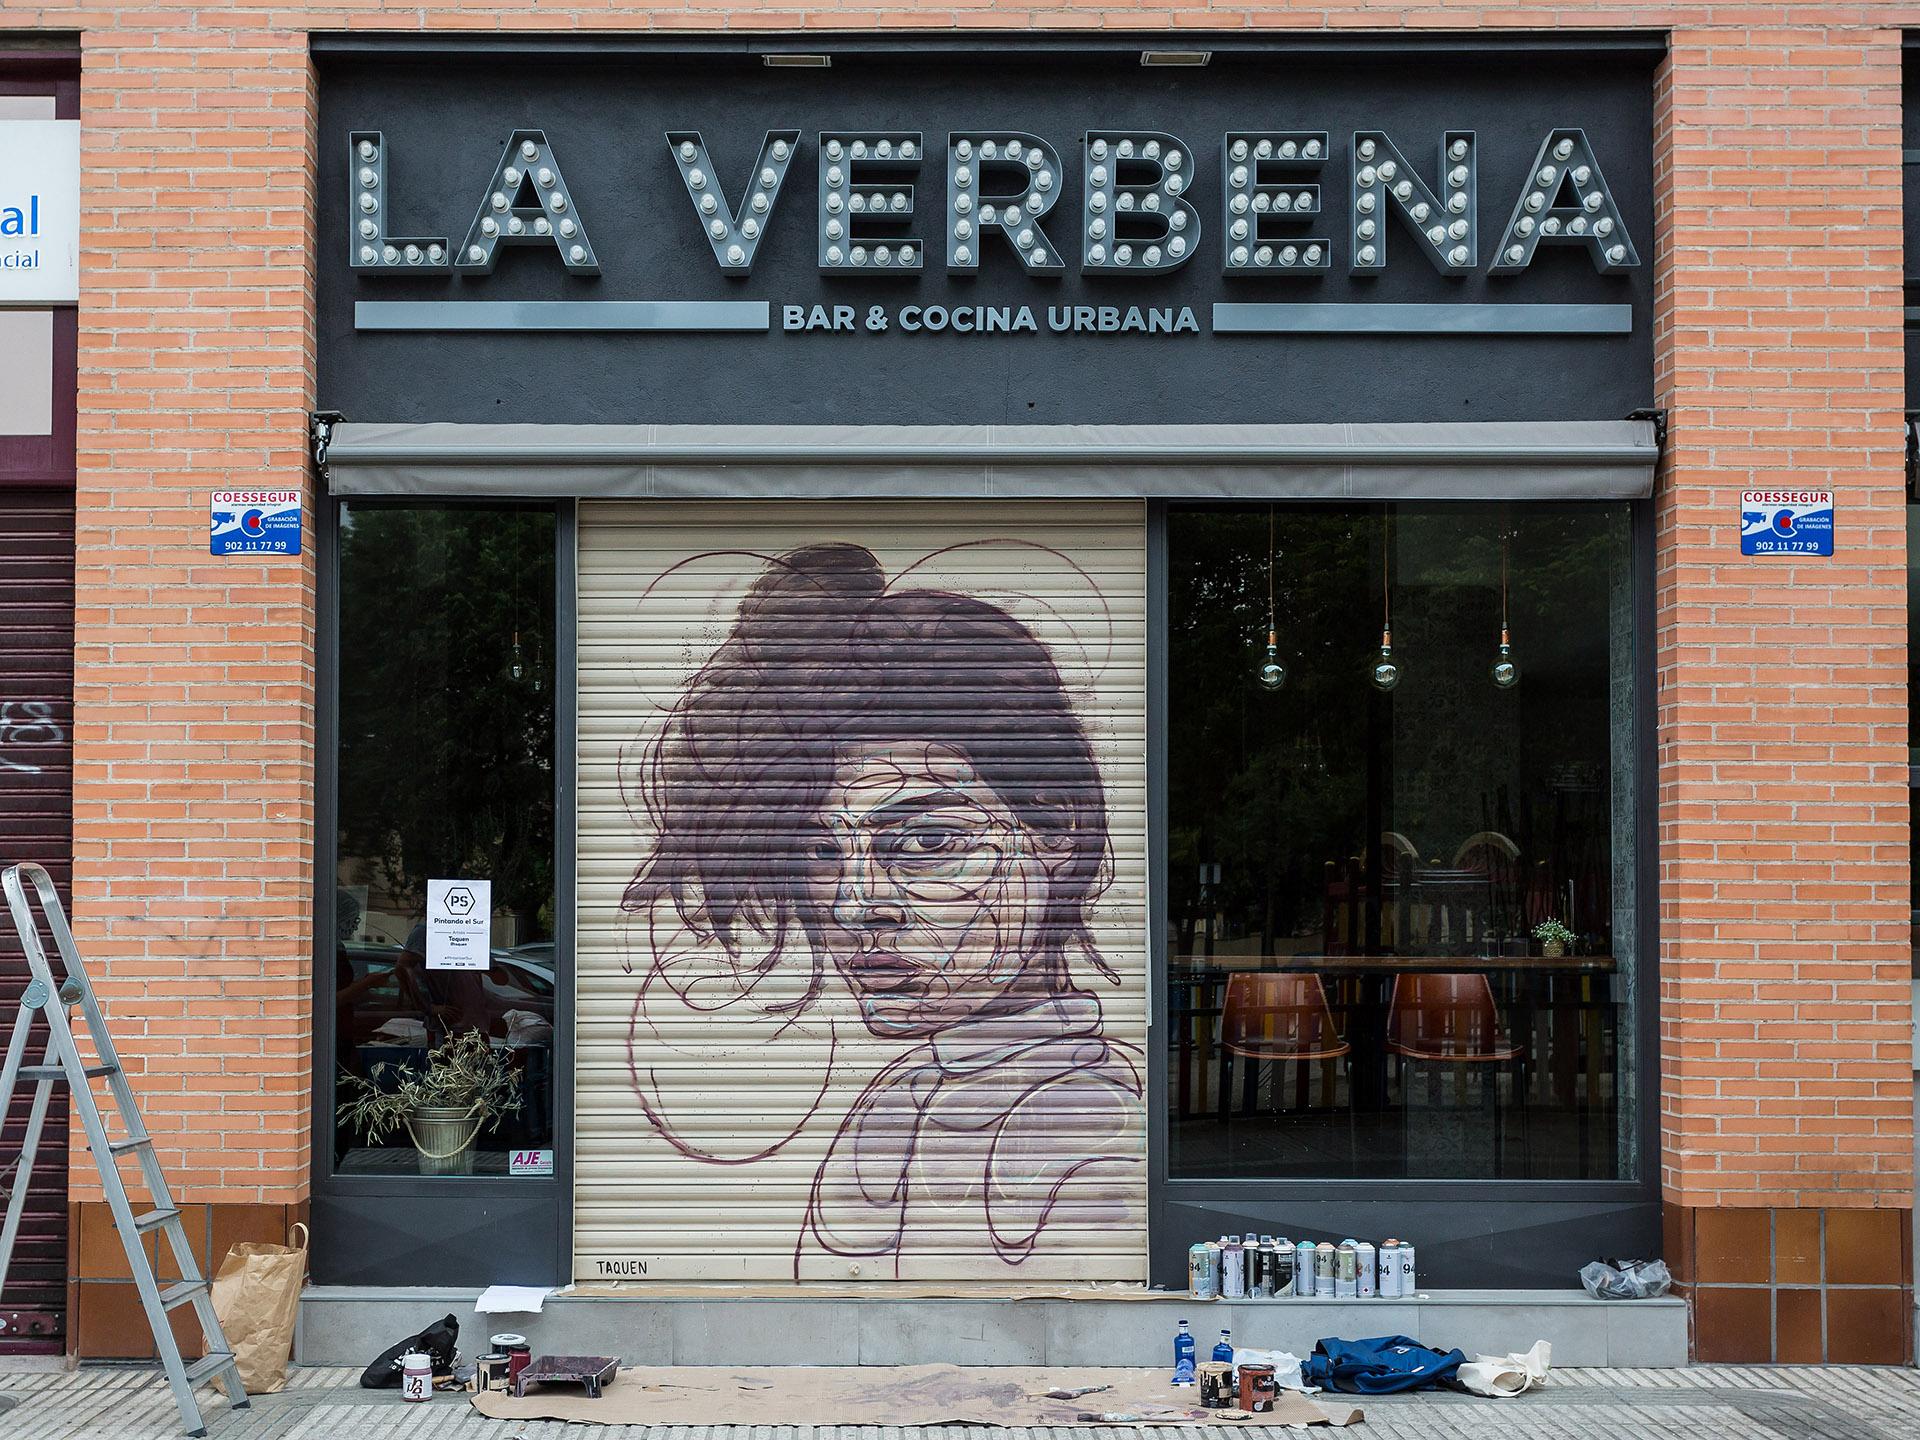 Getafe, Madrid, Spain. 2017